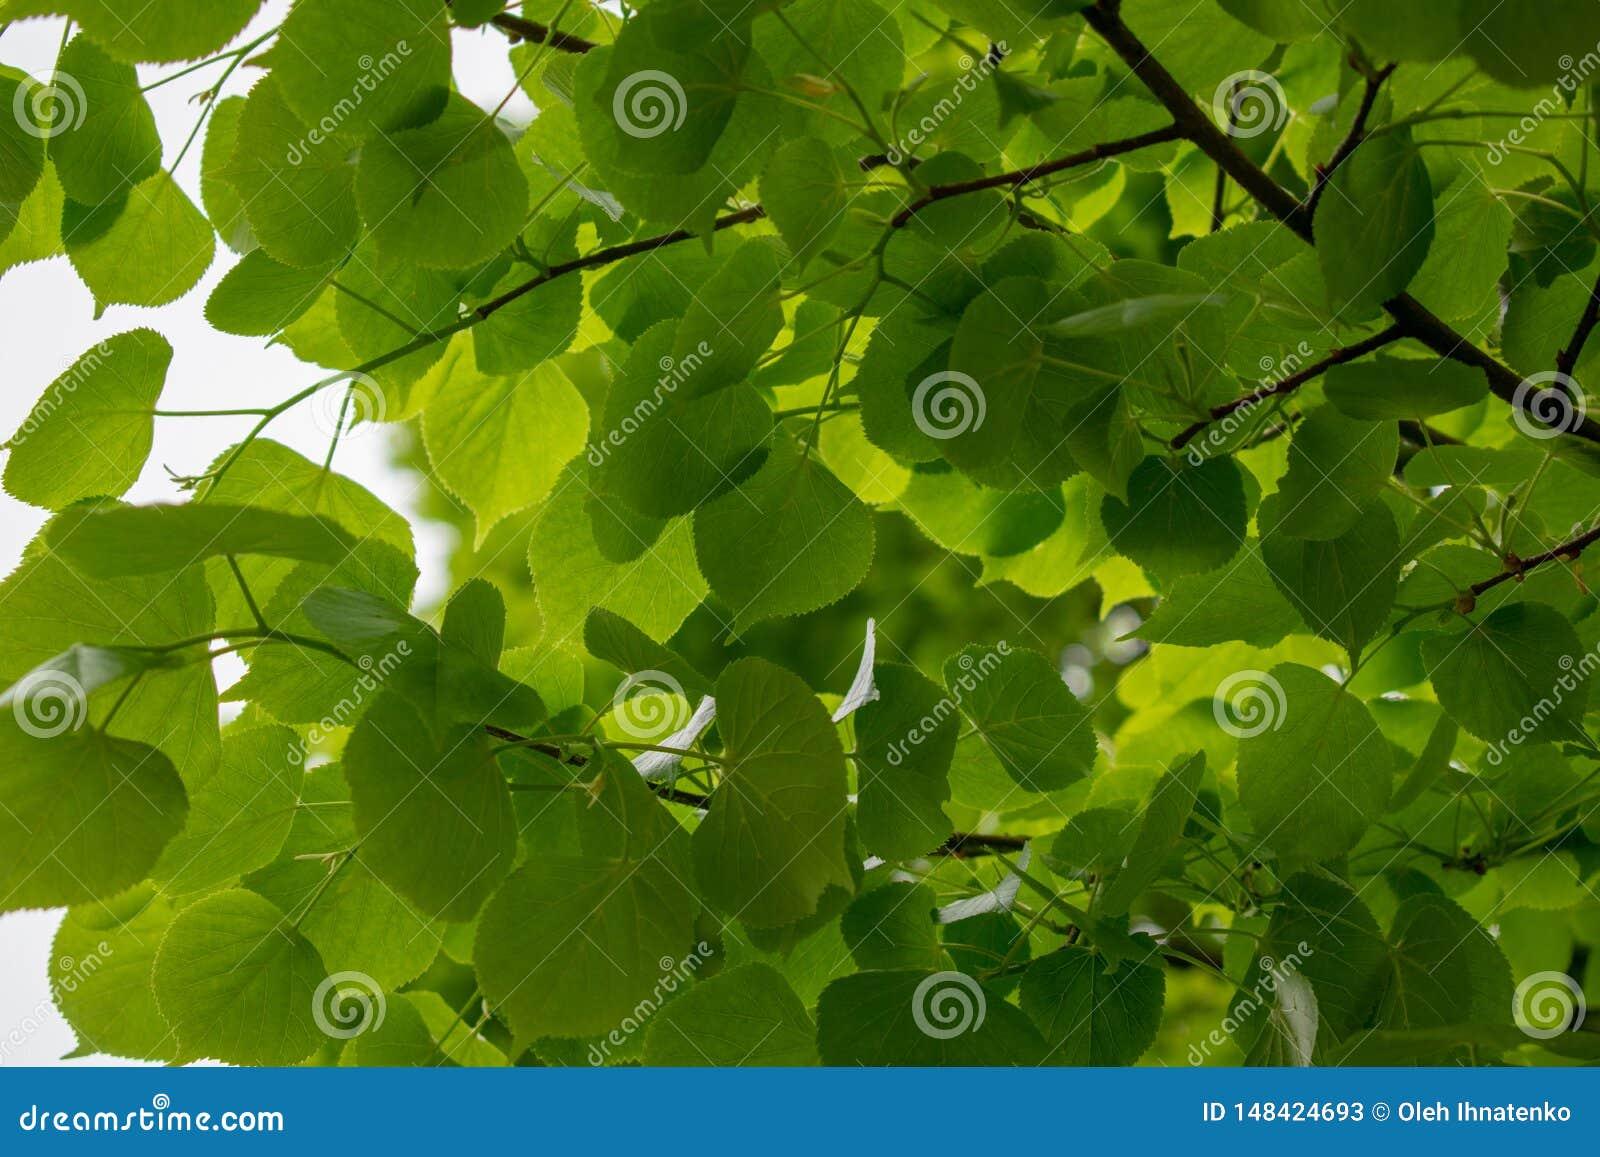 R Предпосылка с зелеными листьями